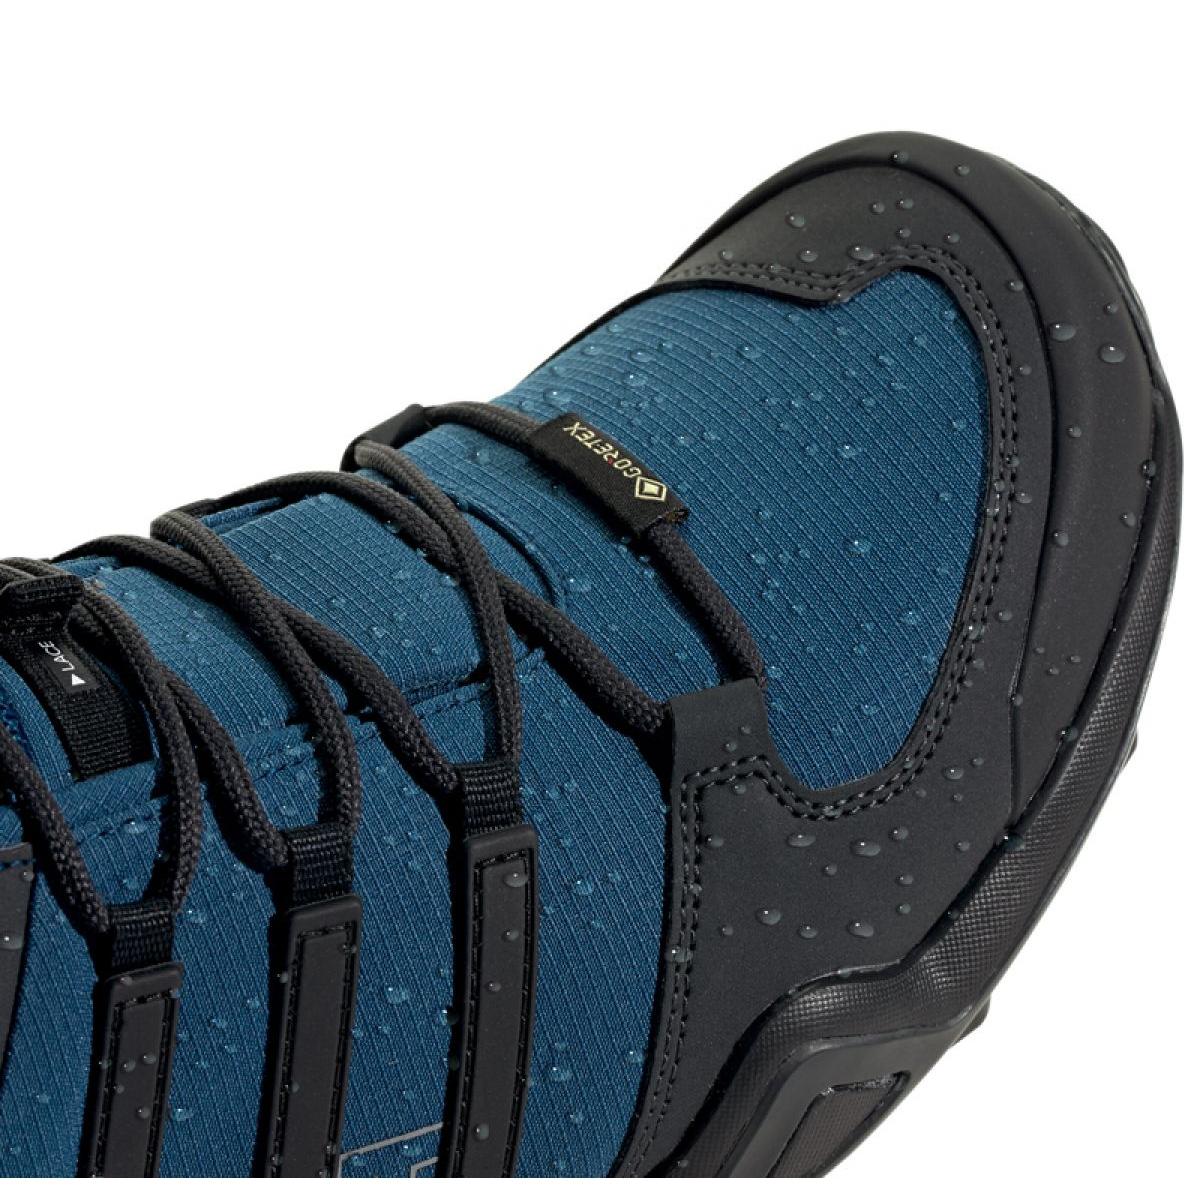 Détails sur Adidas Terrex Swift r2 MID GTX M g26551 Chaussures afficher le titre d'origine